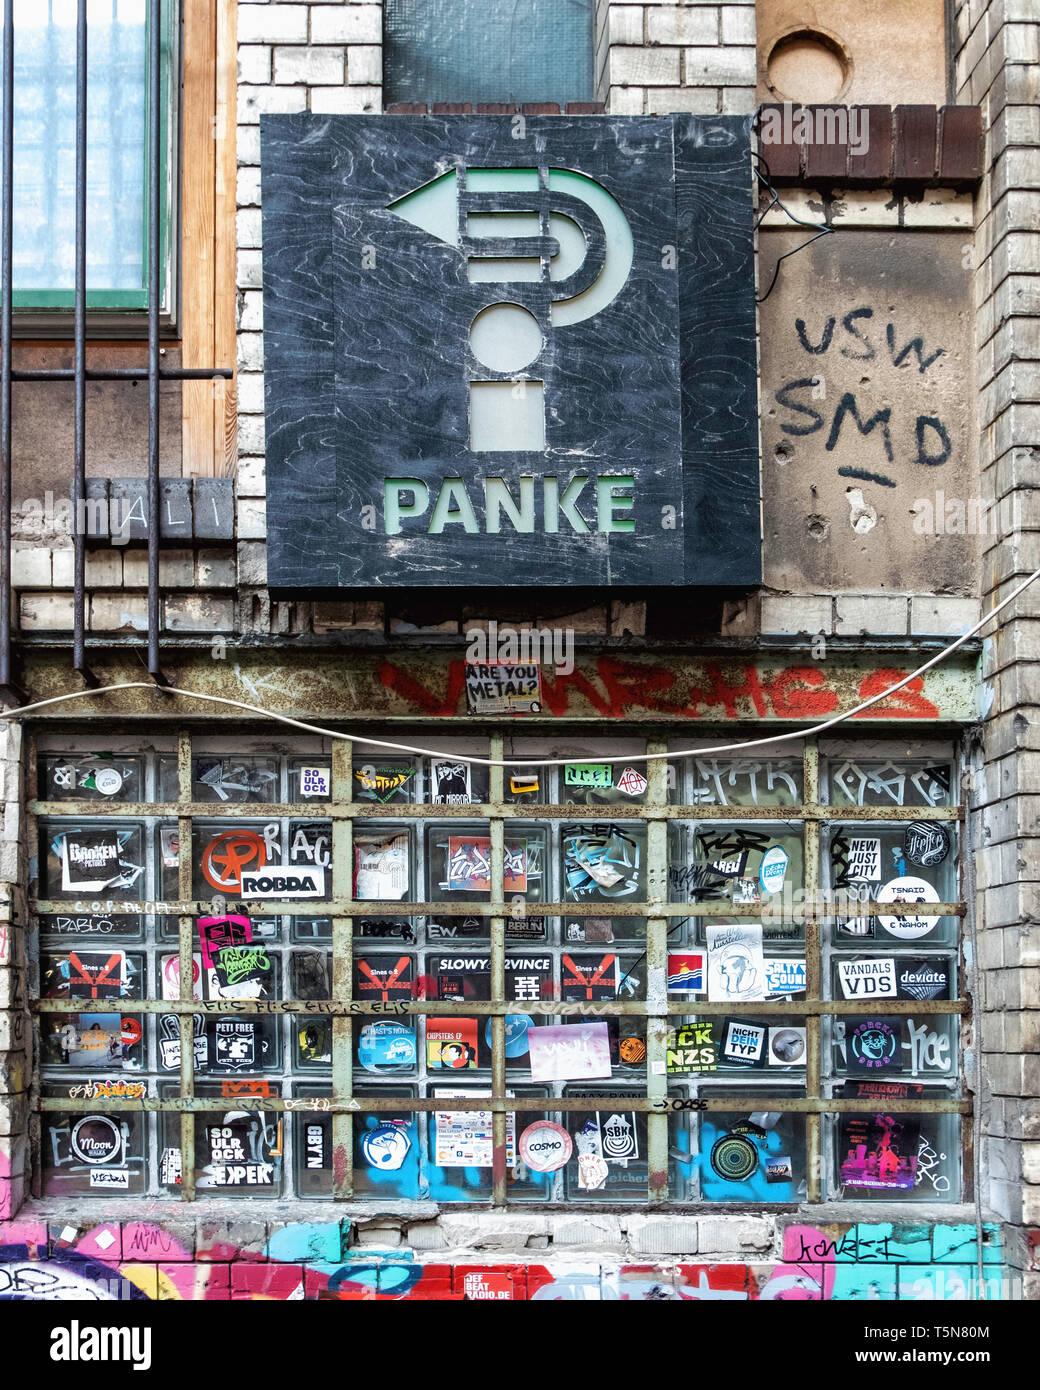 Boda, Berlín. Patio interior del ruinoso antiguo edificio industrial junto al río Panke en Gerichtstrasse 23. Uso residencial y comercial. Foto de stock